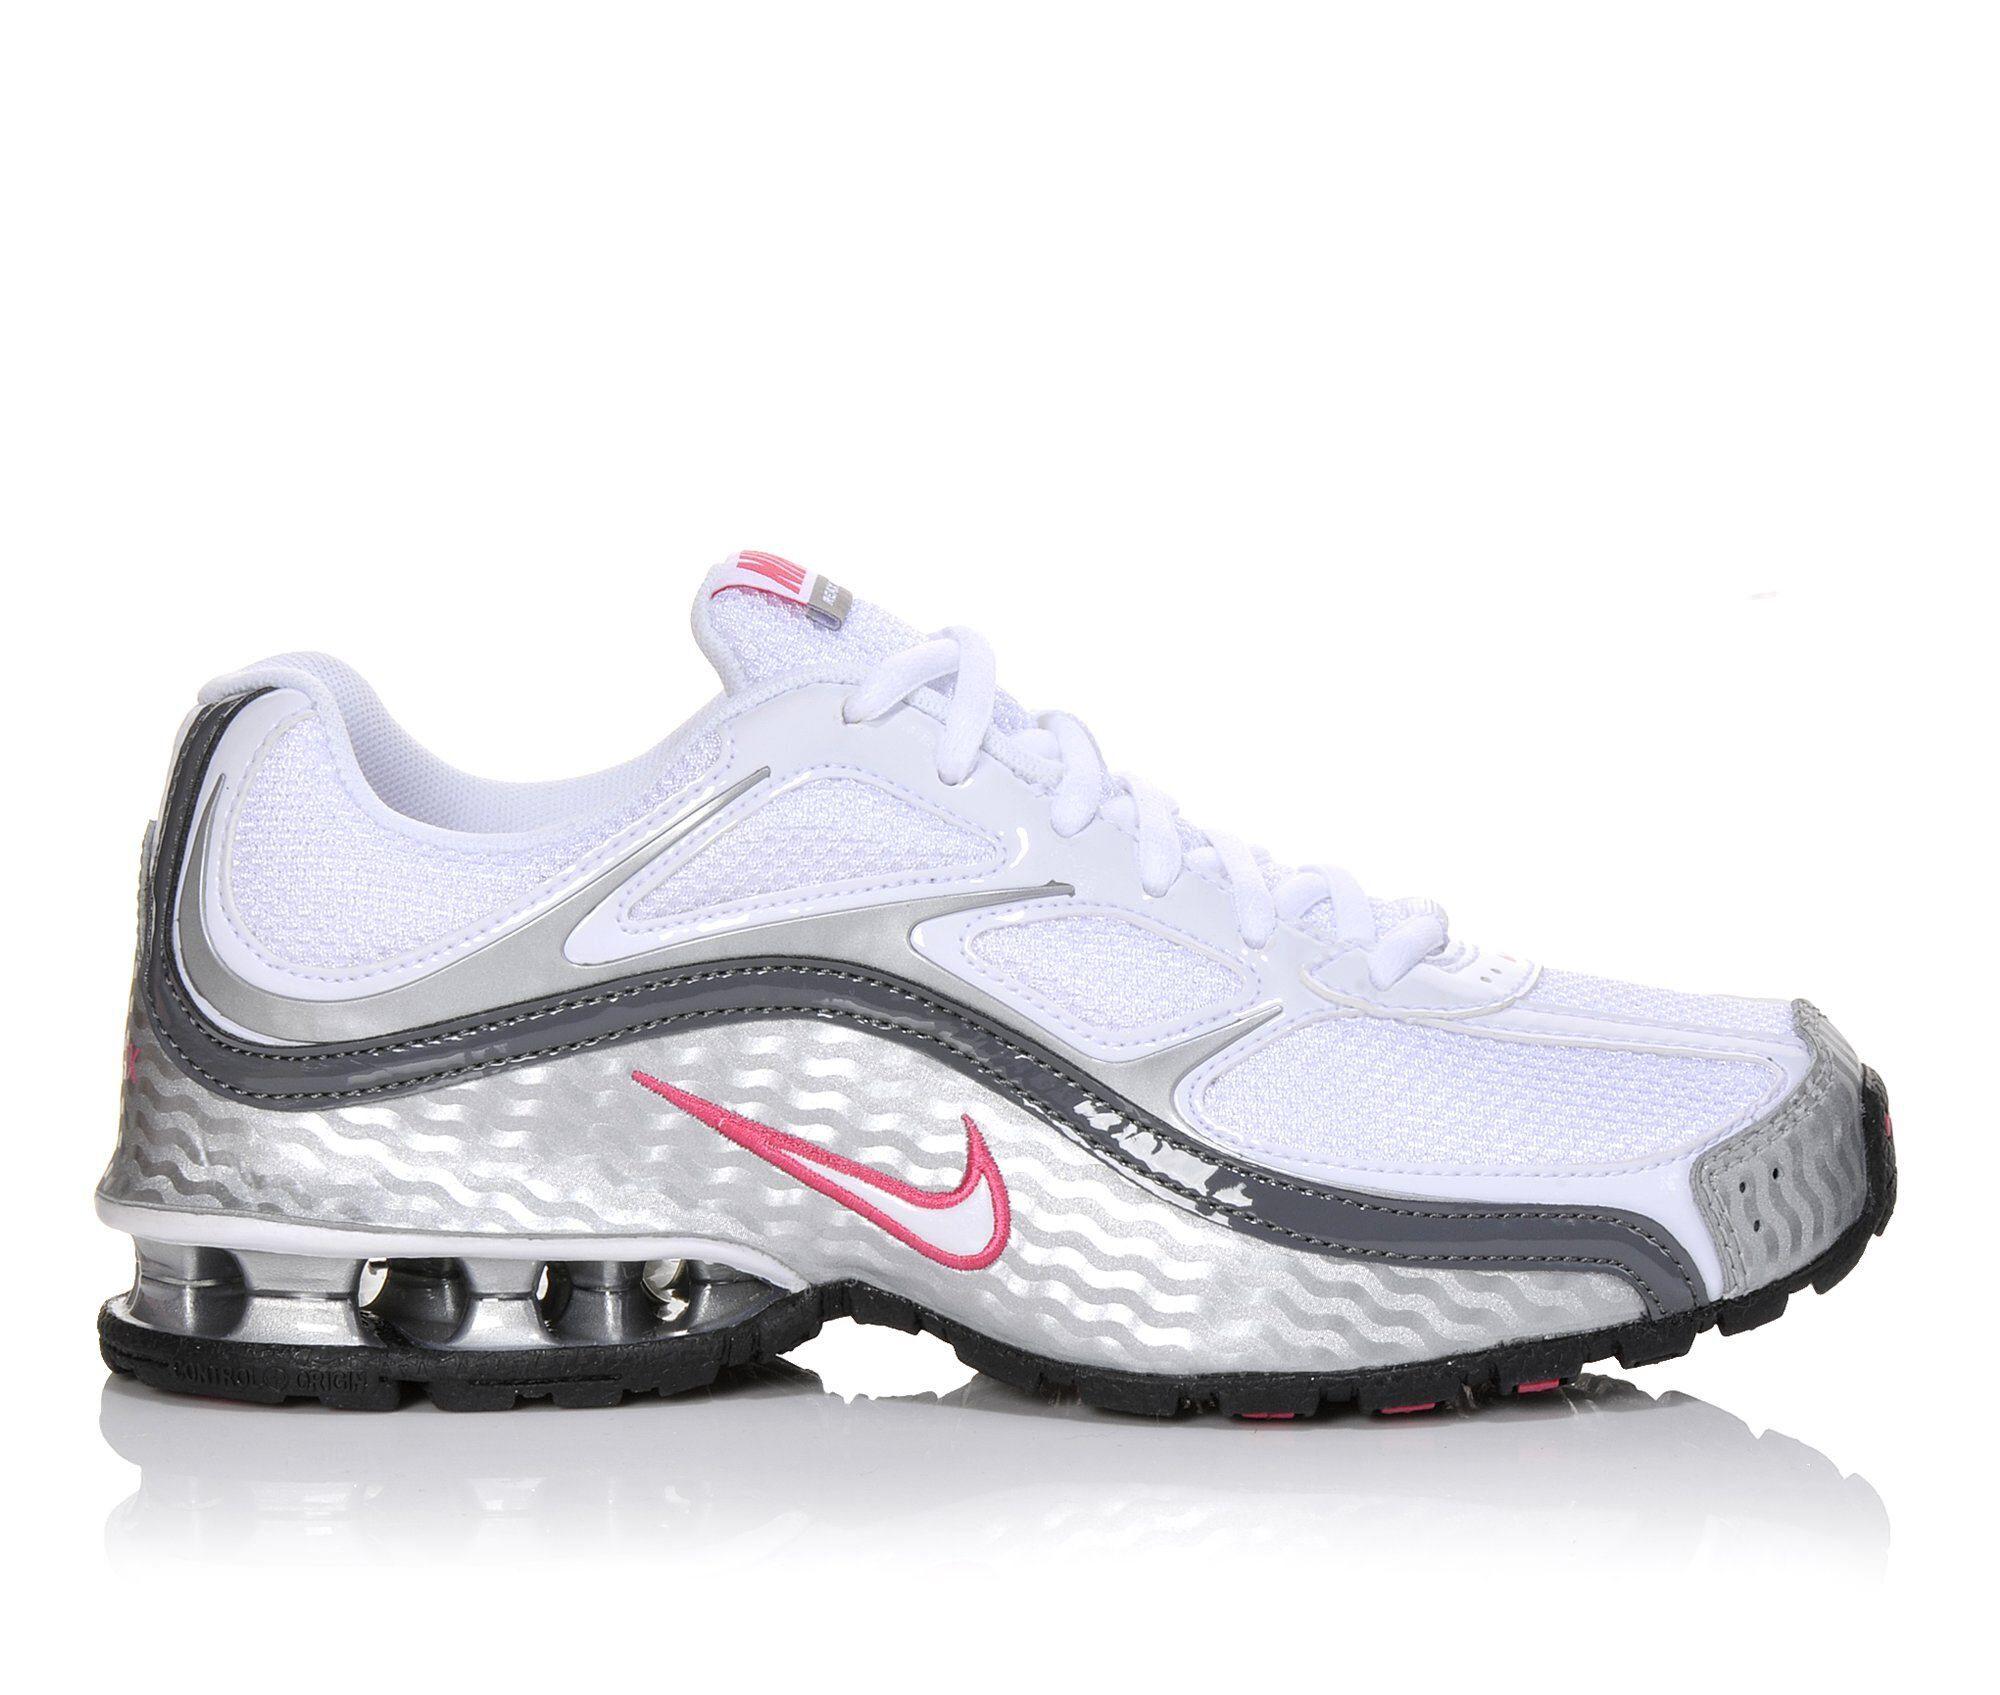 Women's Sneakers Idretts- og tennissko for kvinner  Women's Athletic & Tennis Shoes